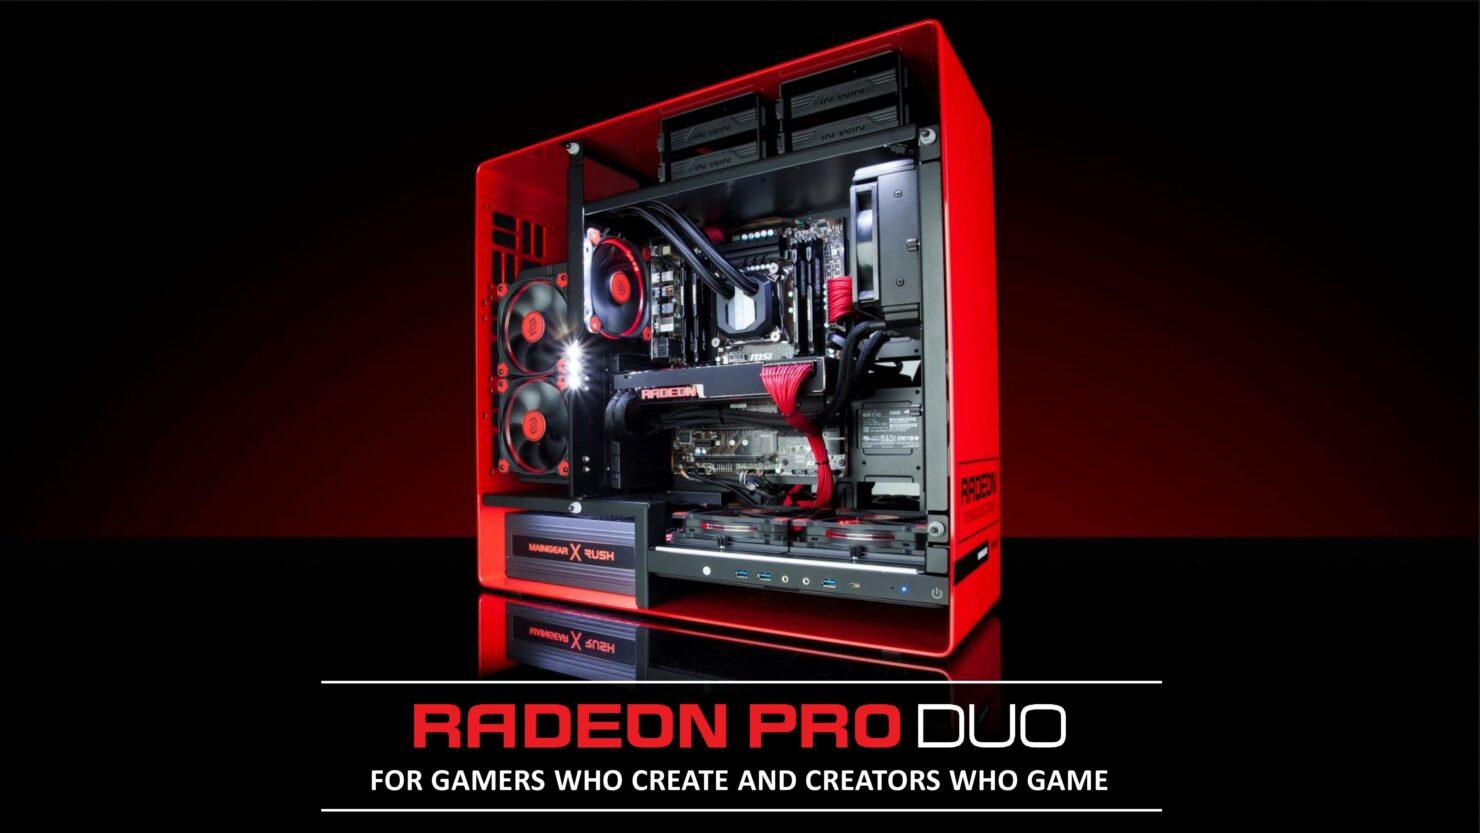 radeon-pro-duo-briefing-deck-page-001